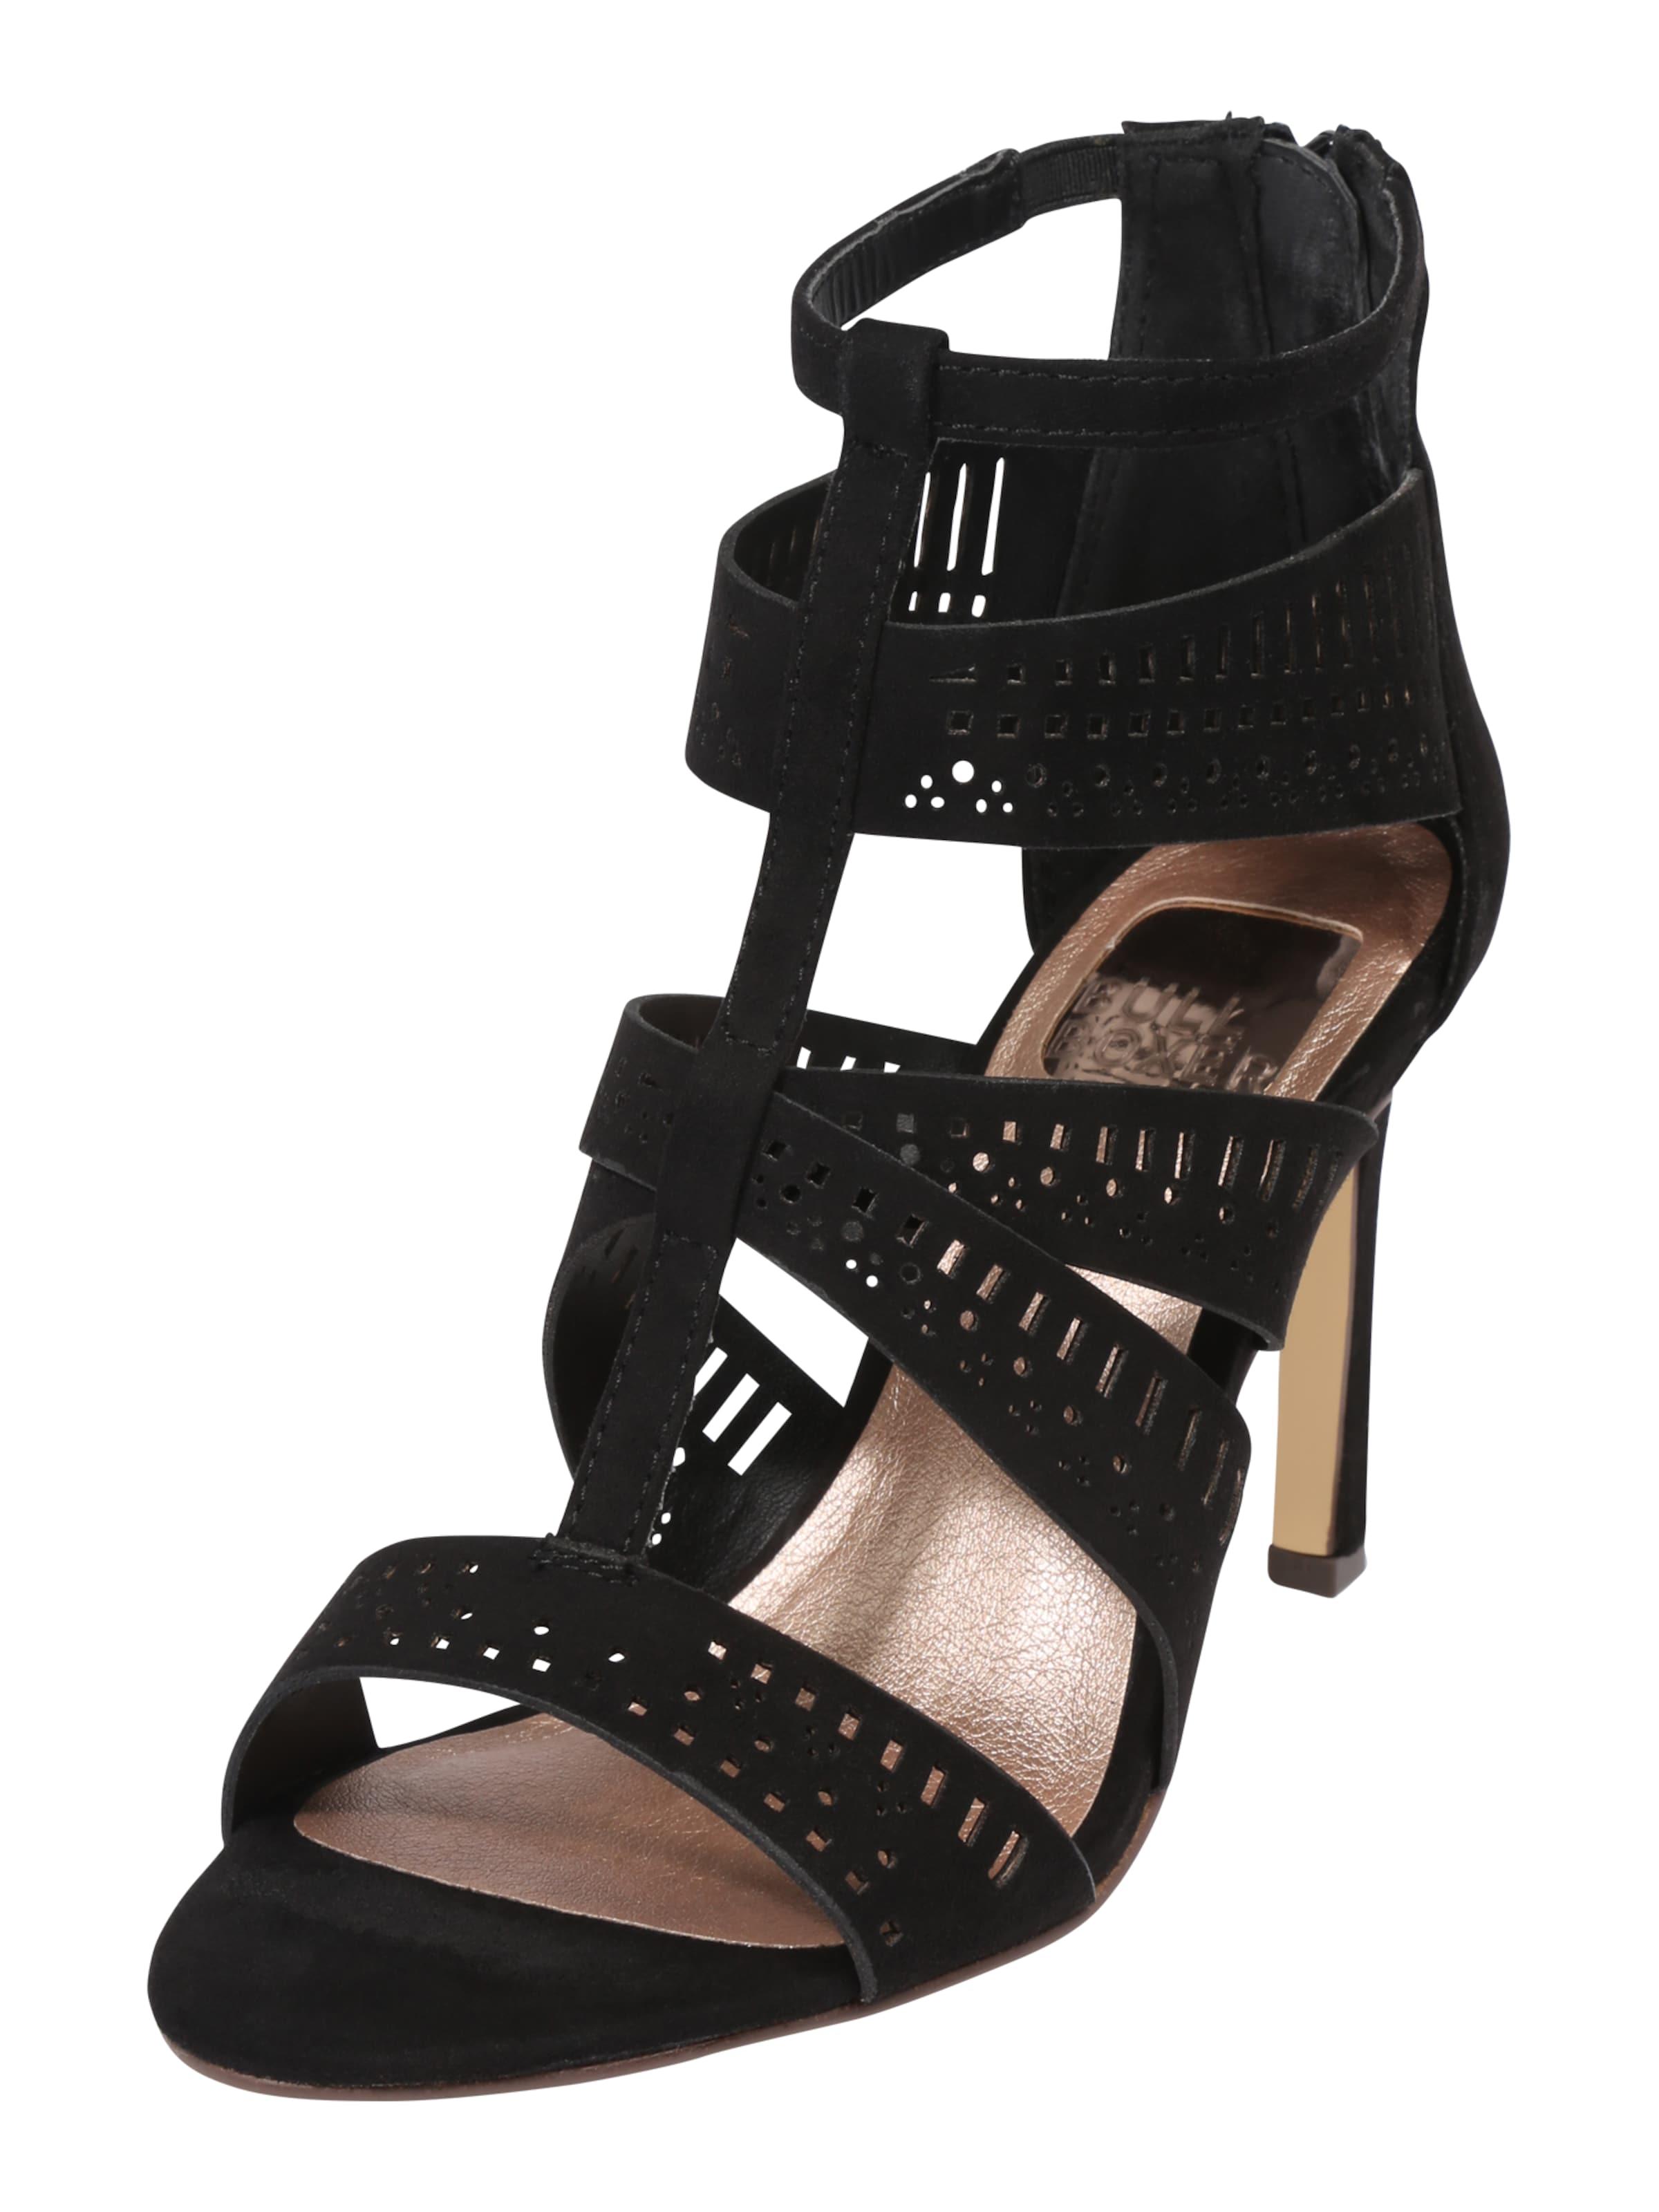 BULLBOXER High-Heel Riemchen-Sandalette Verschleißfeste billige Schuhe